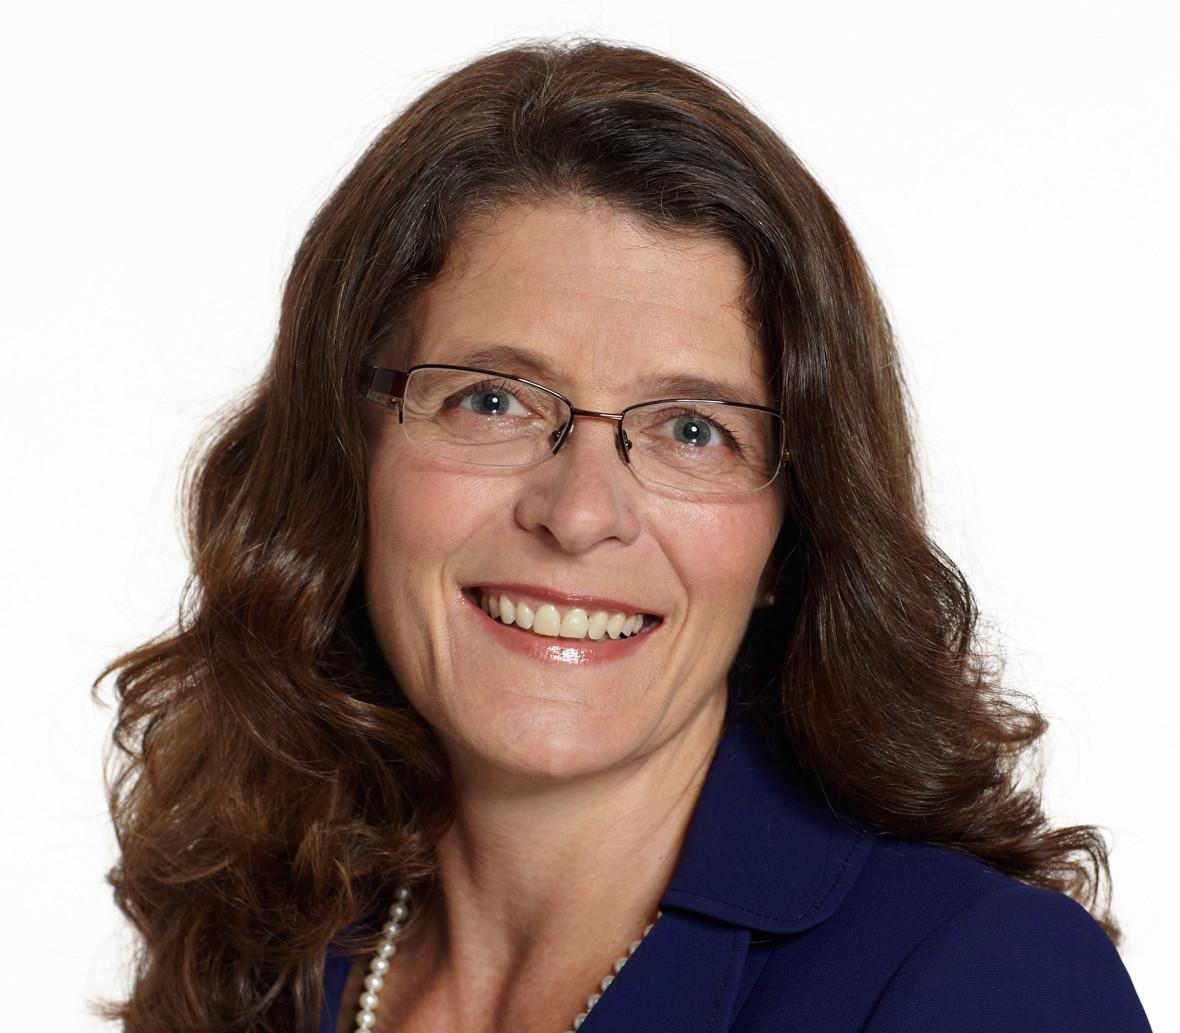 Mitzie Kelley